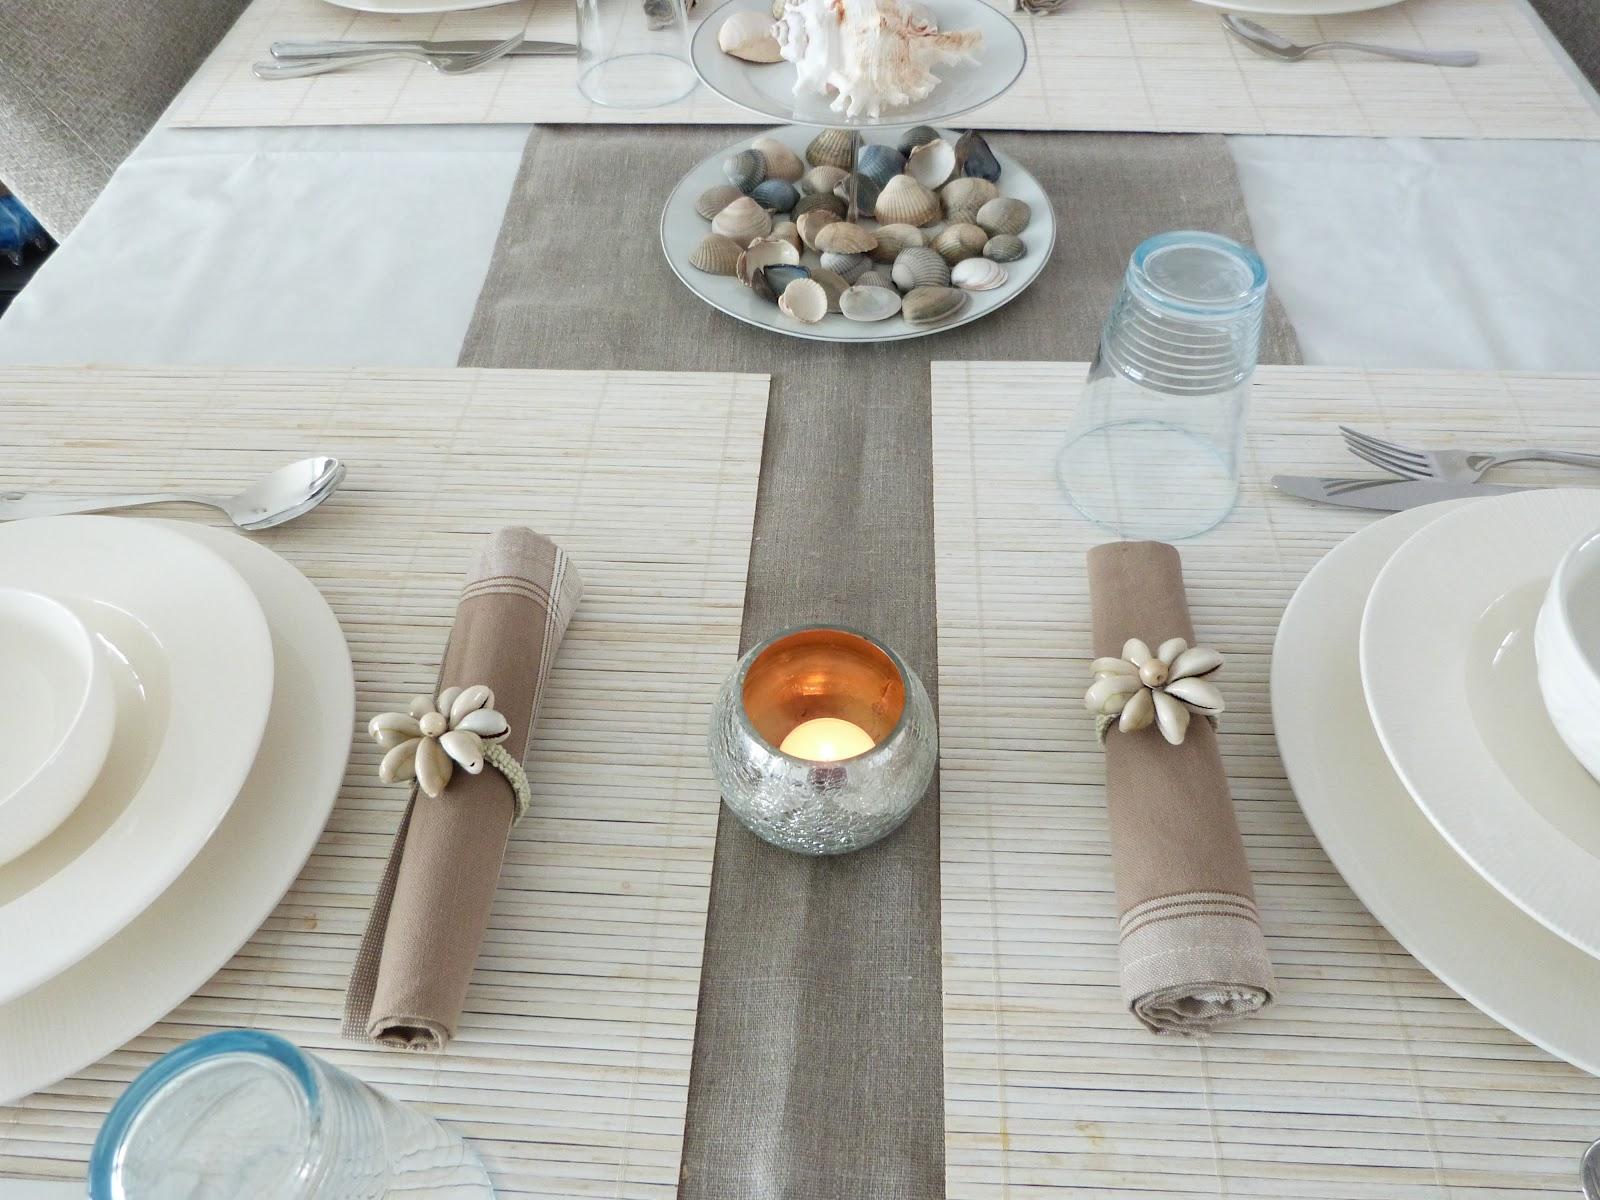 tafel is gedekt voor vier personen en bij elke stoel ligt een houten ...